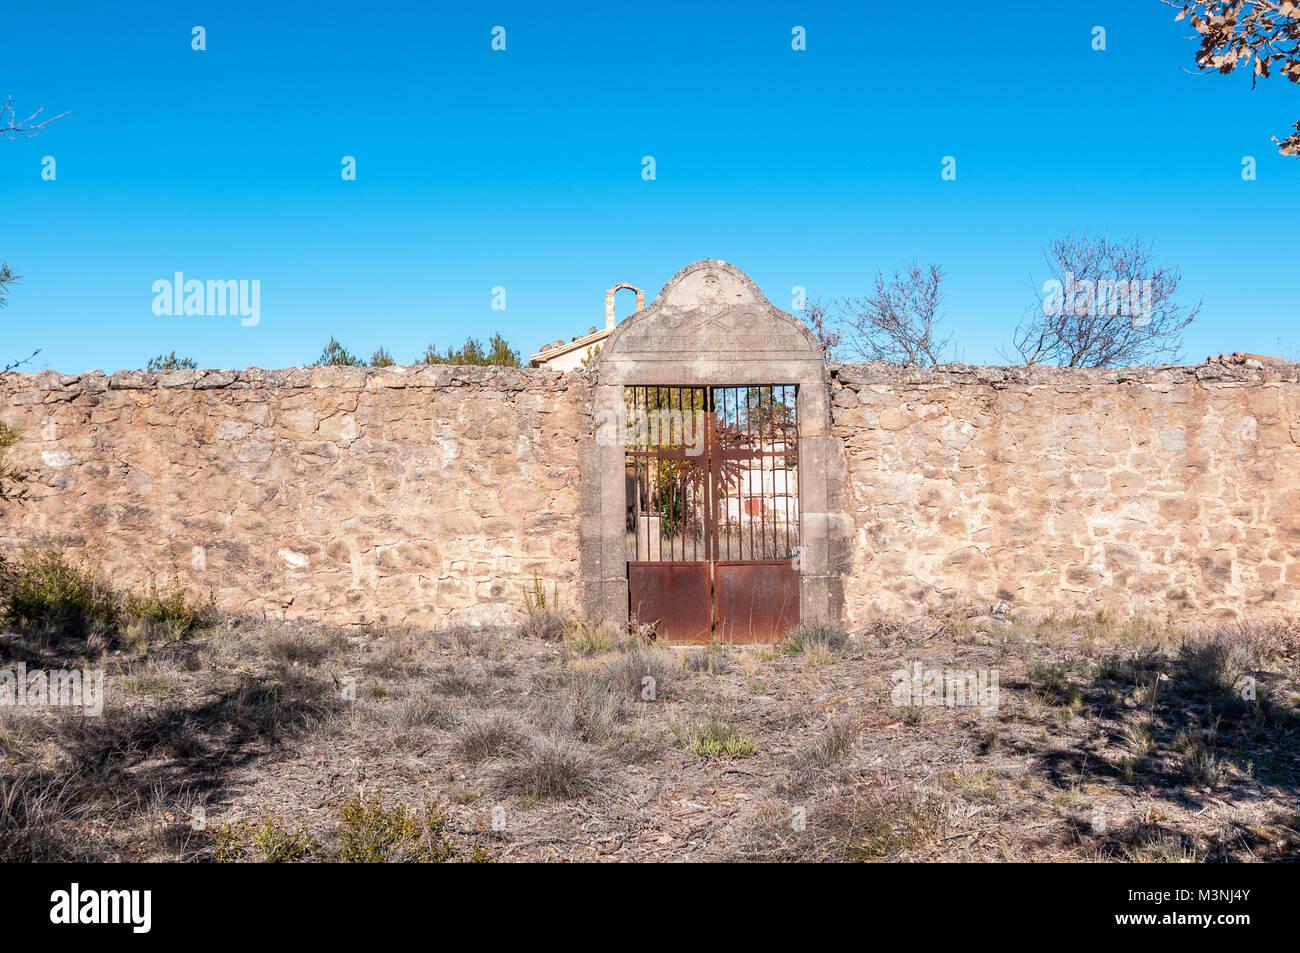 Oxidized rock stock photos oxidized rock stock images for Piscina aguilar de segarra